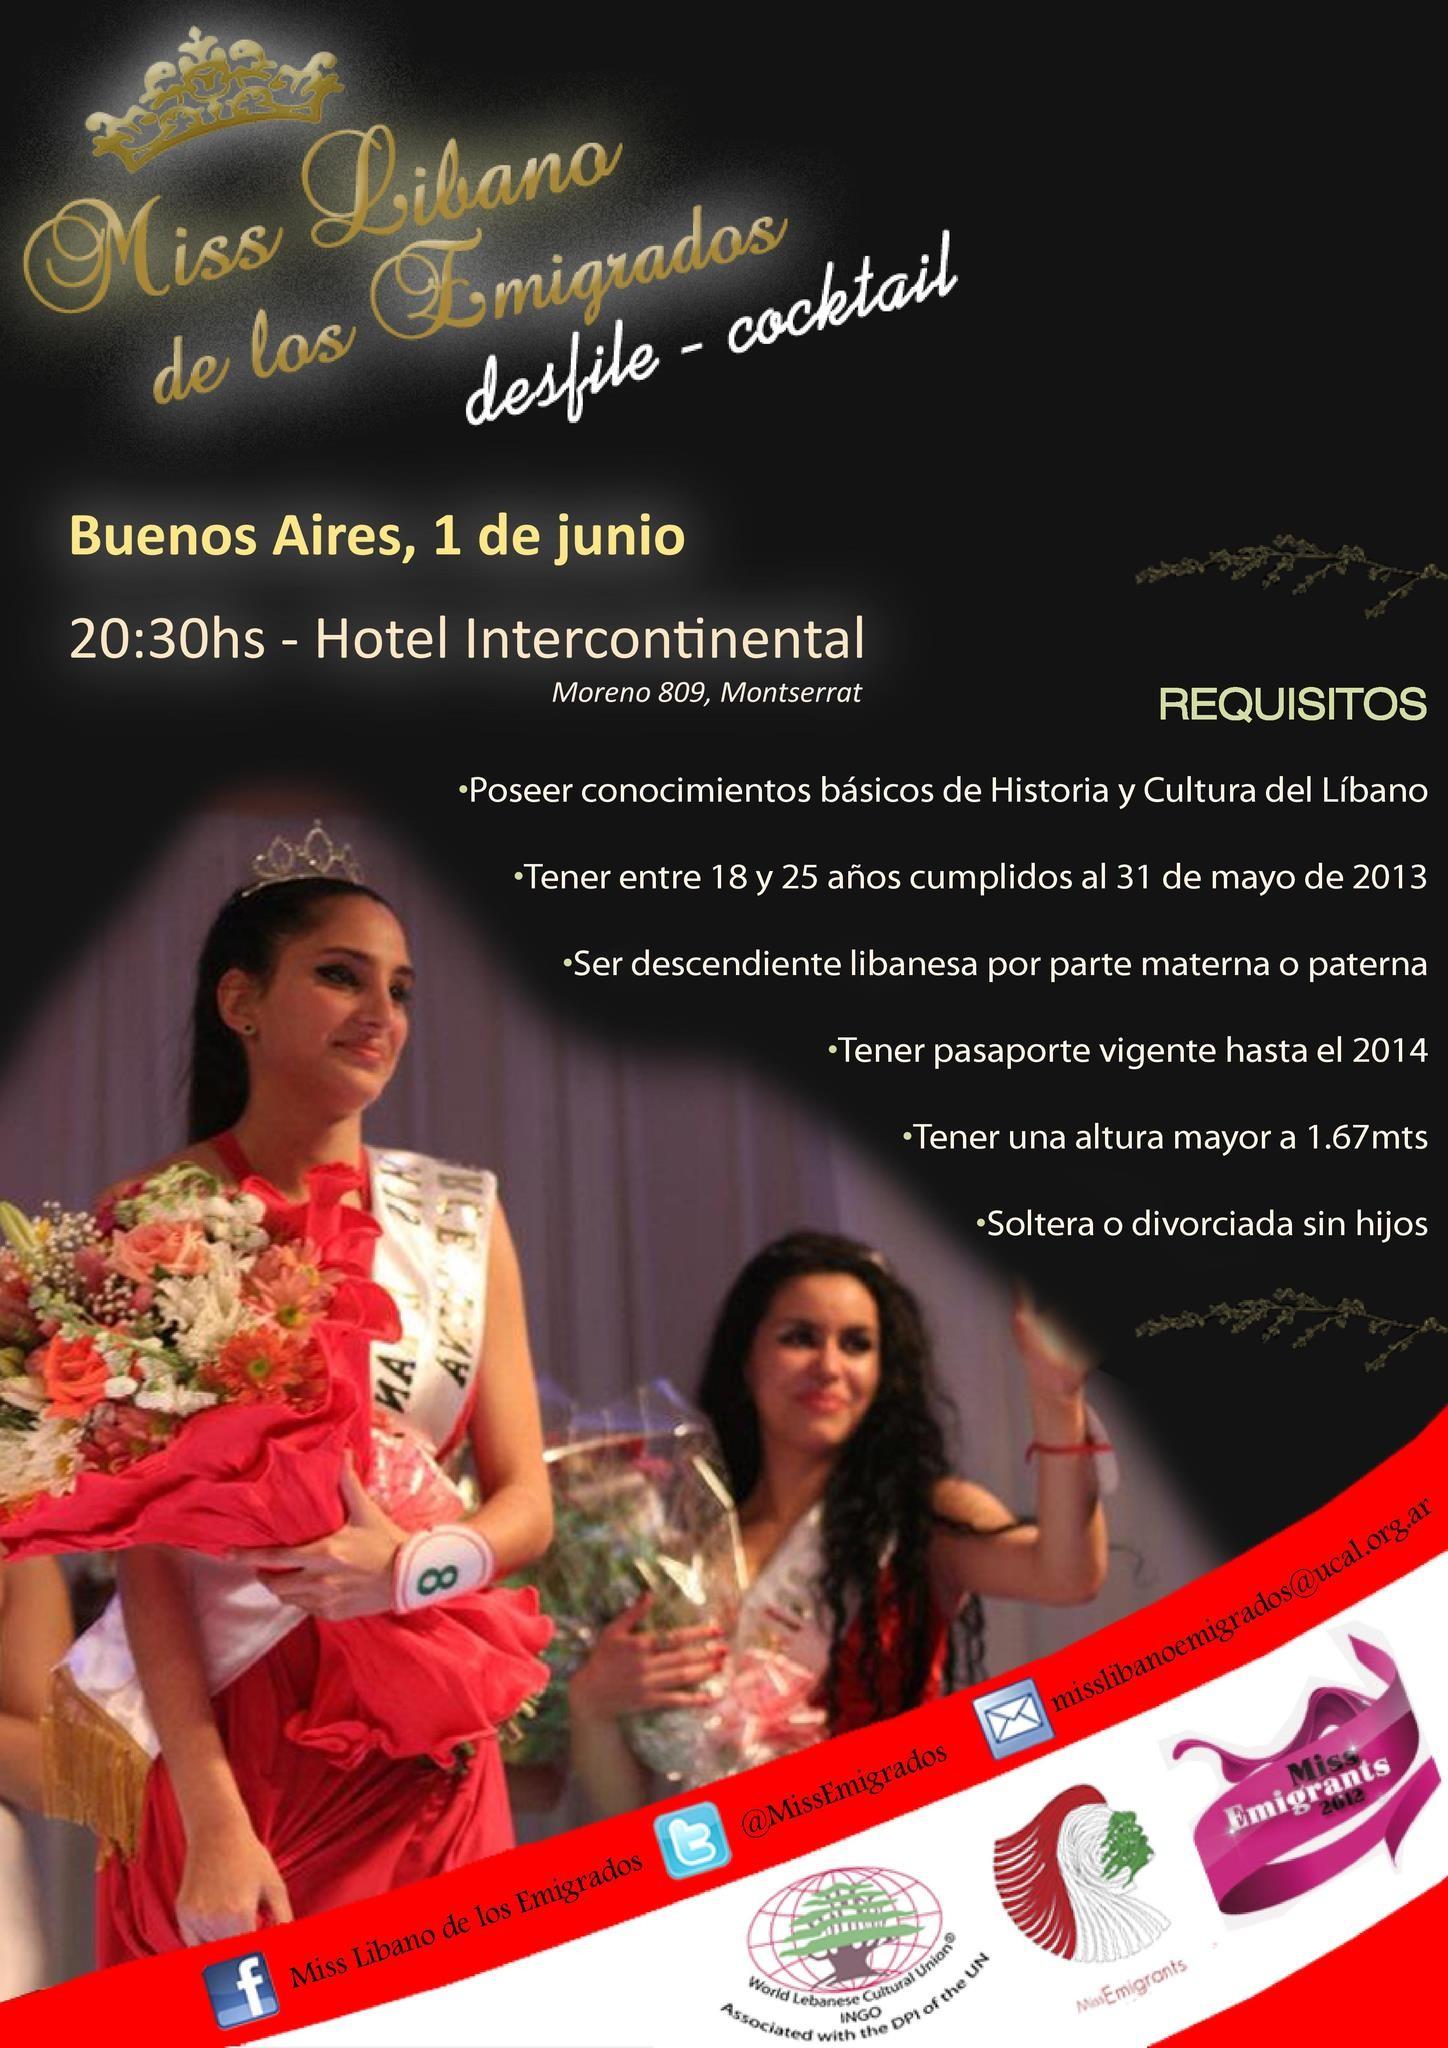 Miss Libano de los Emigrados (3)